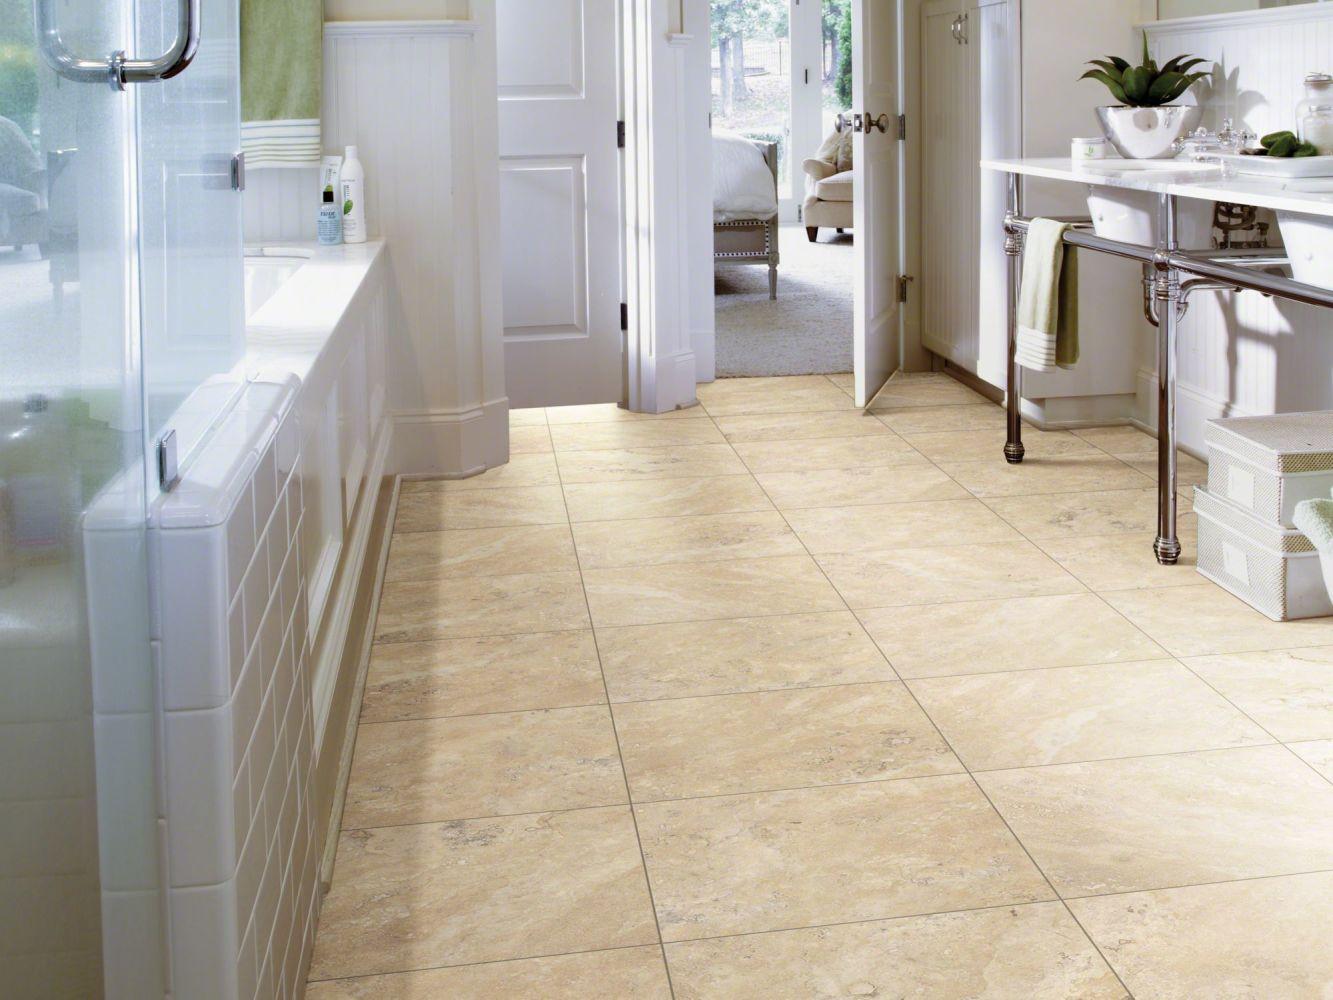 Shaw Floors Nfa HS Serenity Lake Tile Sunlit Sand 00110_VH505